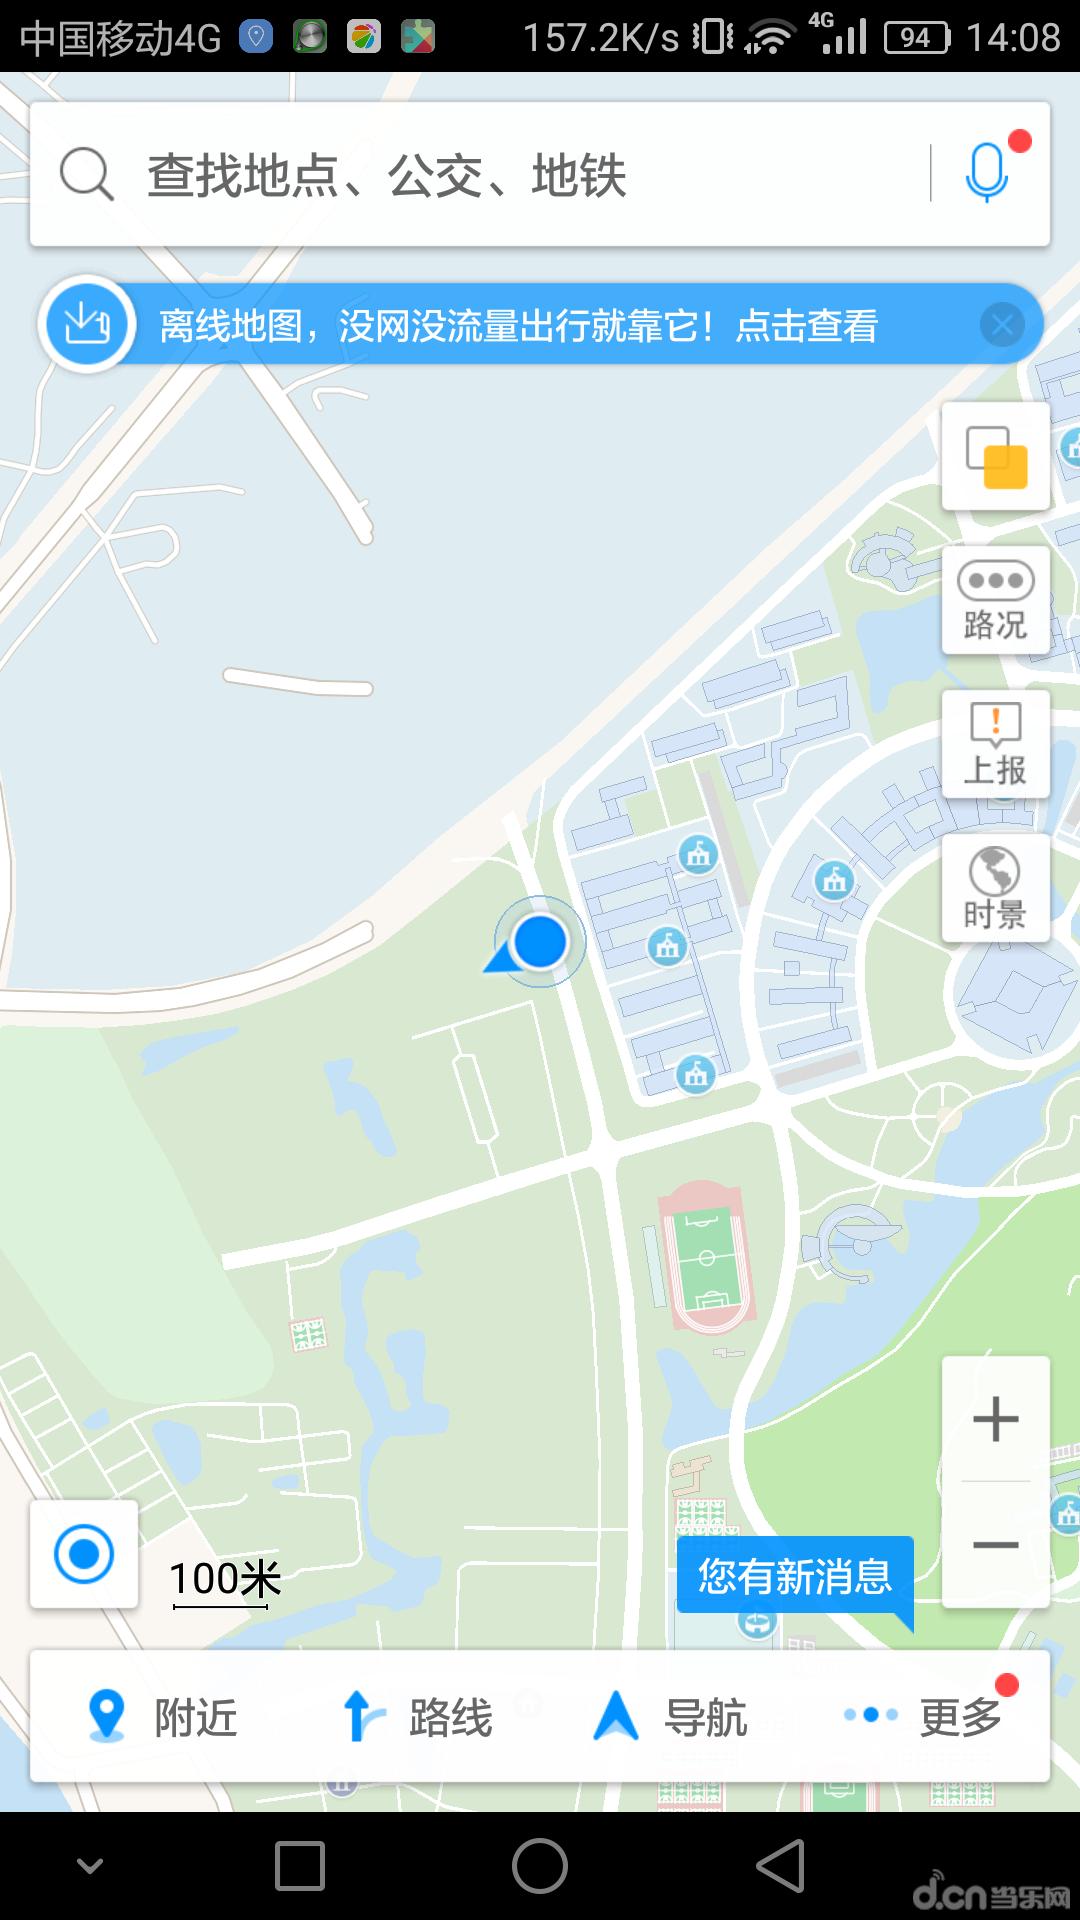 高德地图网页版导航高德地图是一款导航软件,更新过后多了一项组